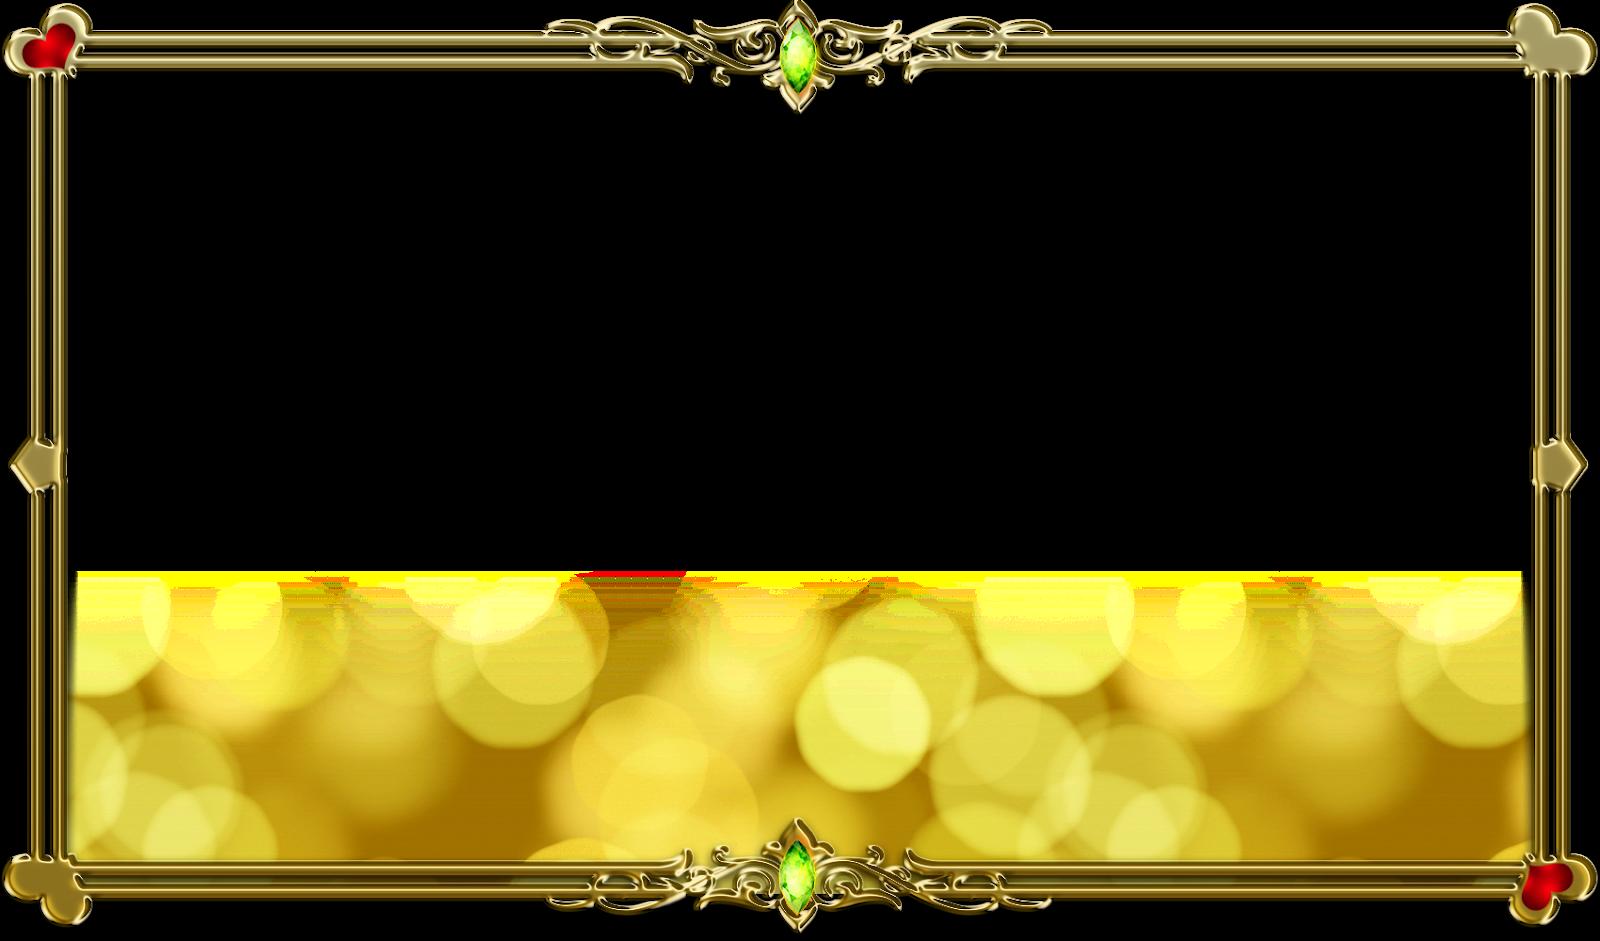 Border Frame Free Download Transparent - 17644 - TransparentPNG